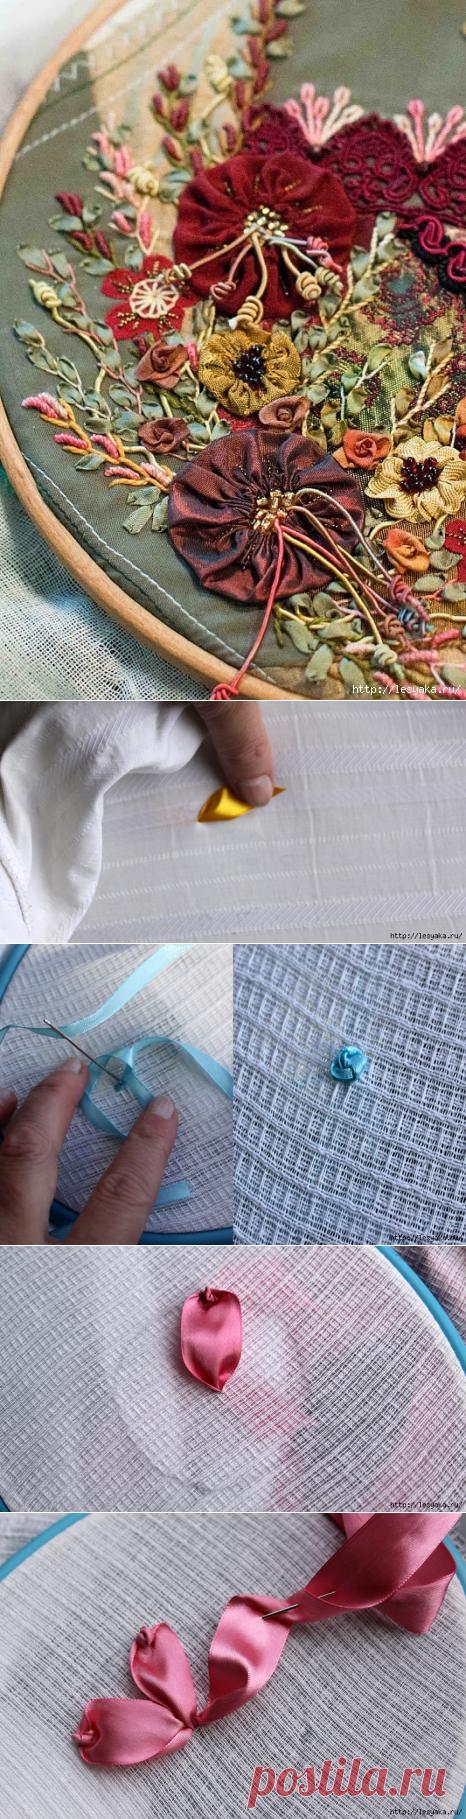 Вышивка атласными лентами: секреты вышивки + мастер-классы